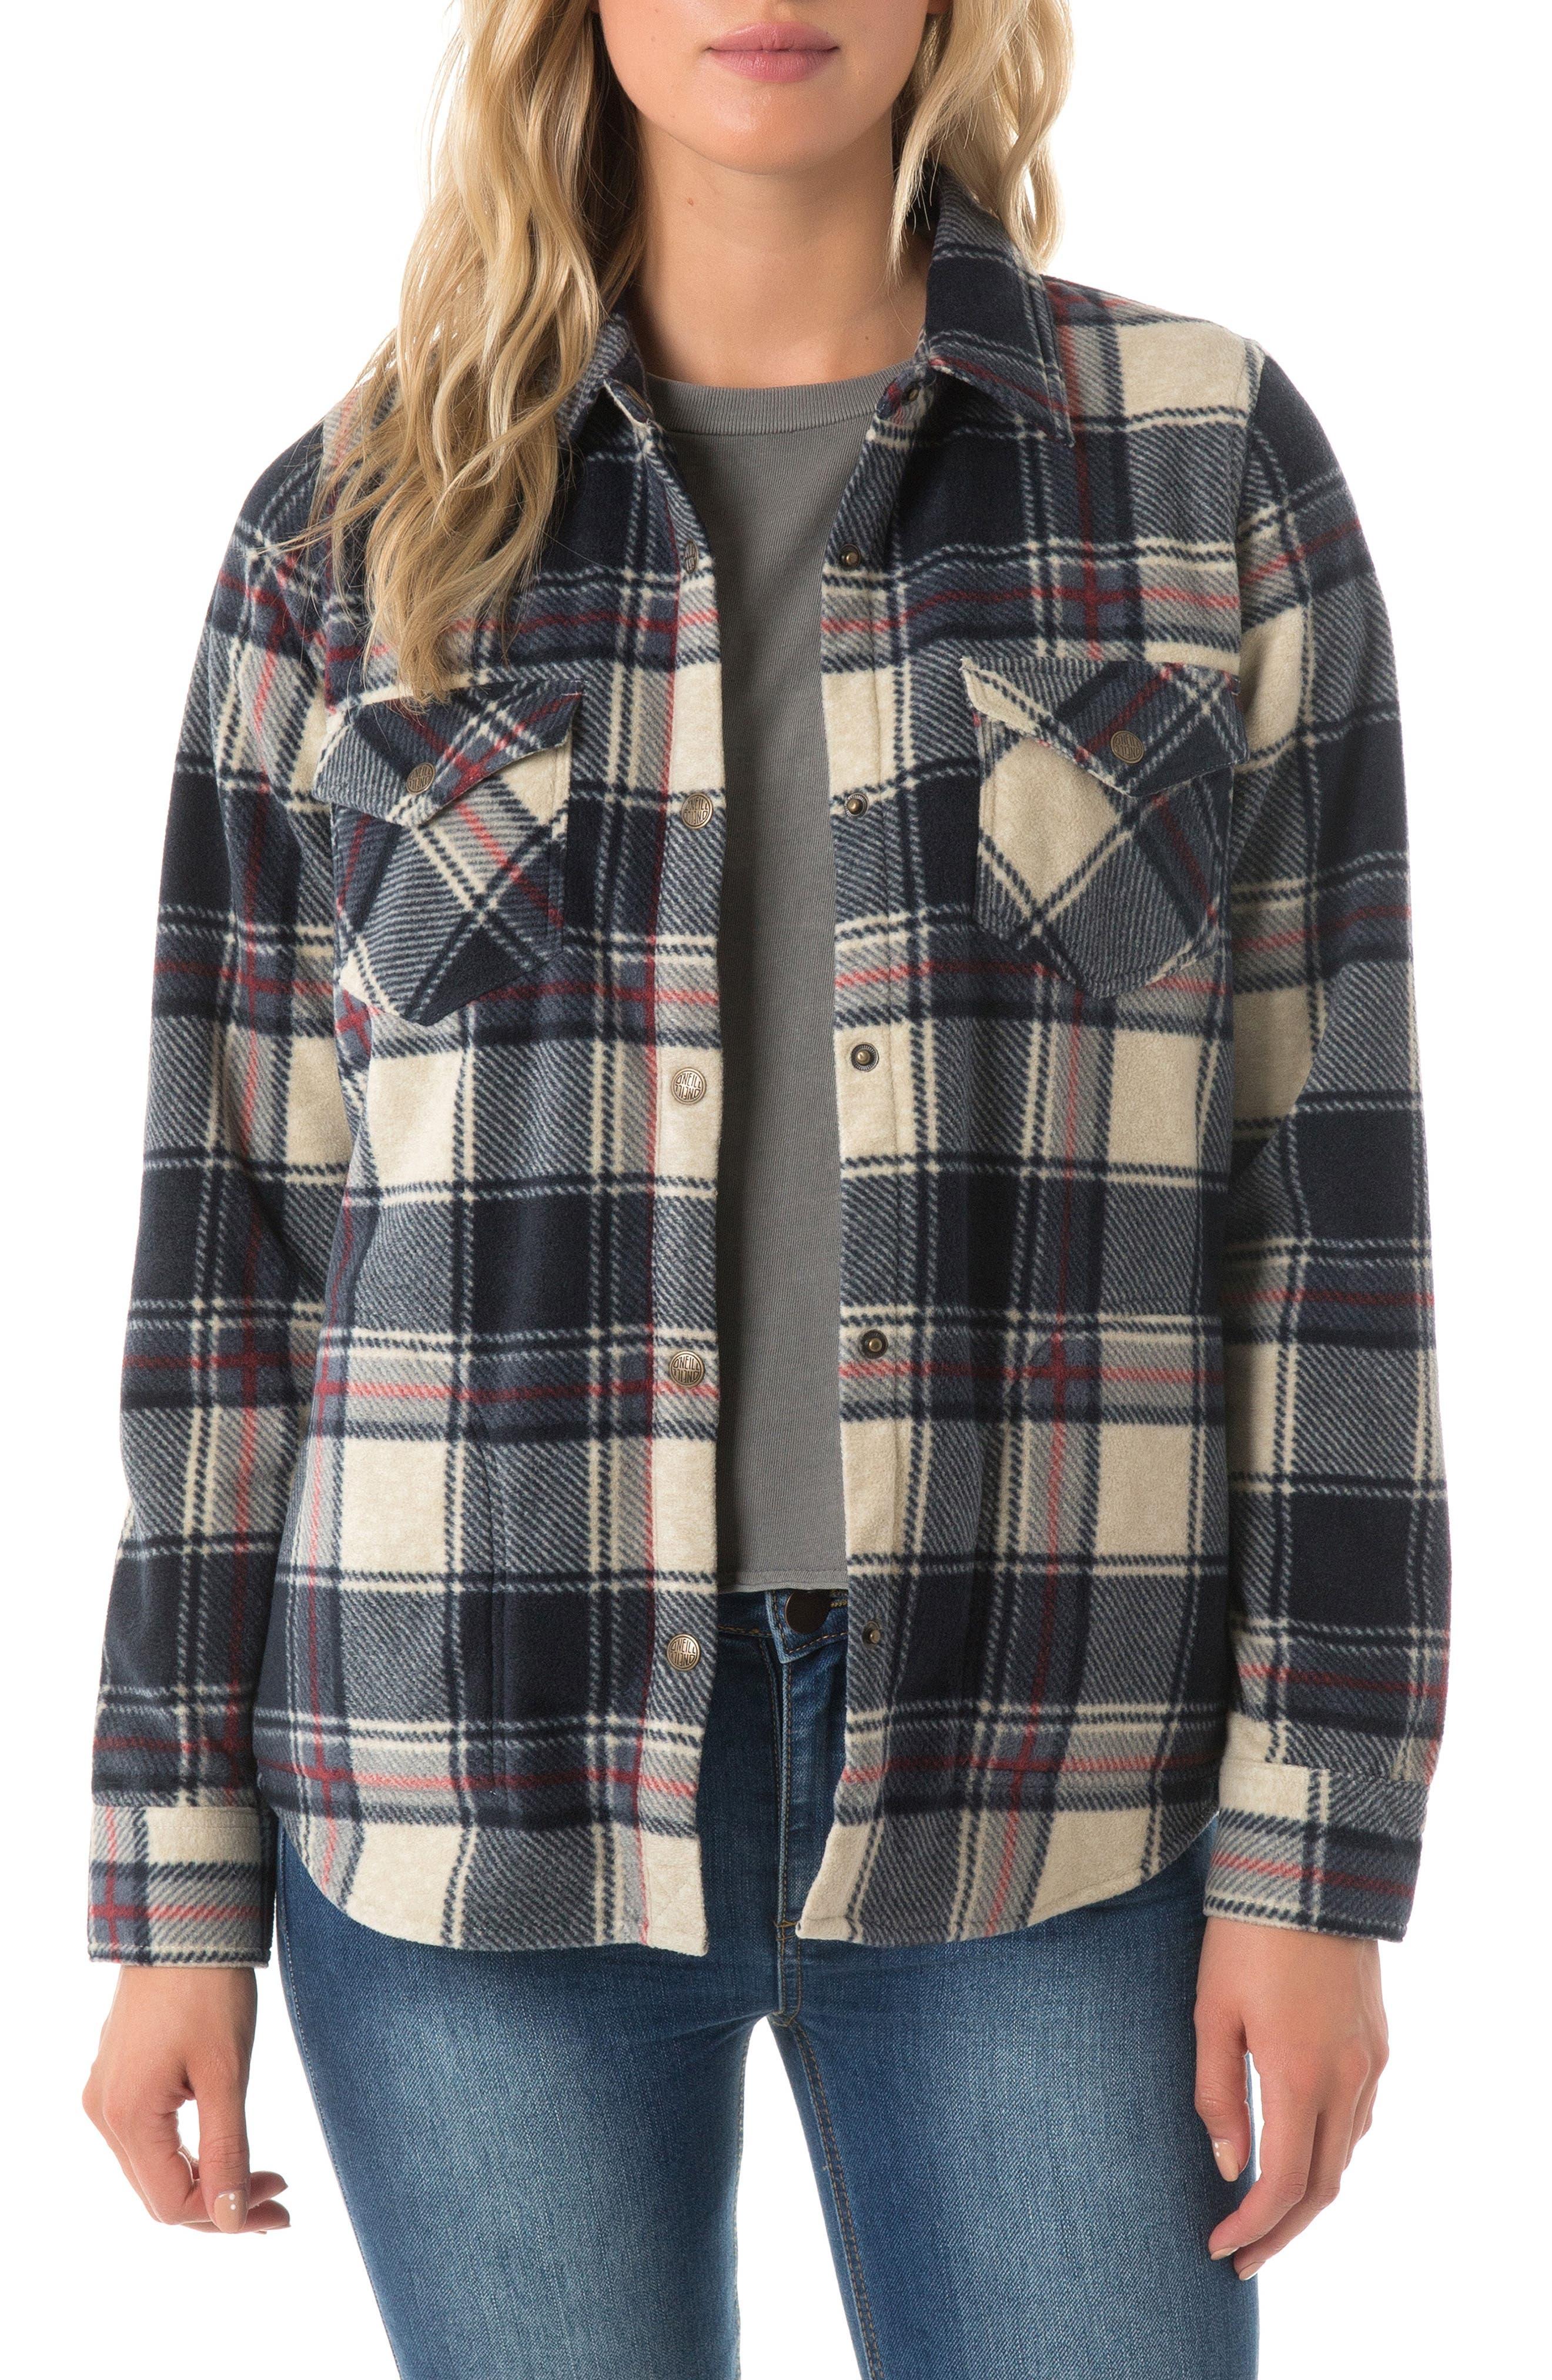 O'NEILL Zuma Plaid Fleece Flannel Shirt, Main, color, 021